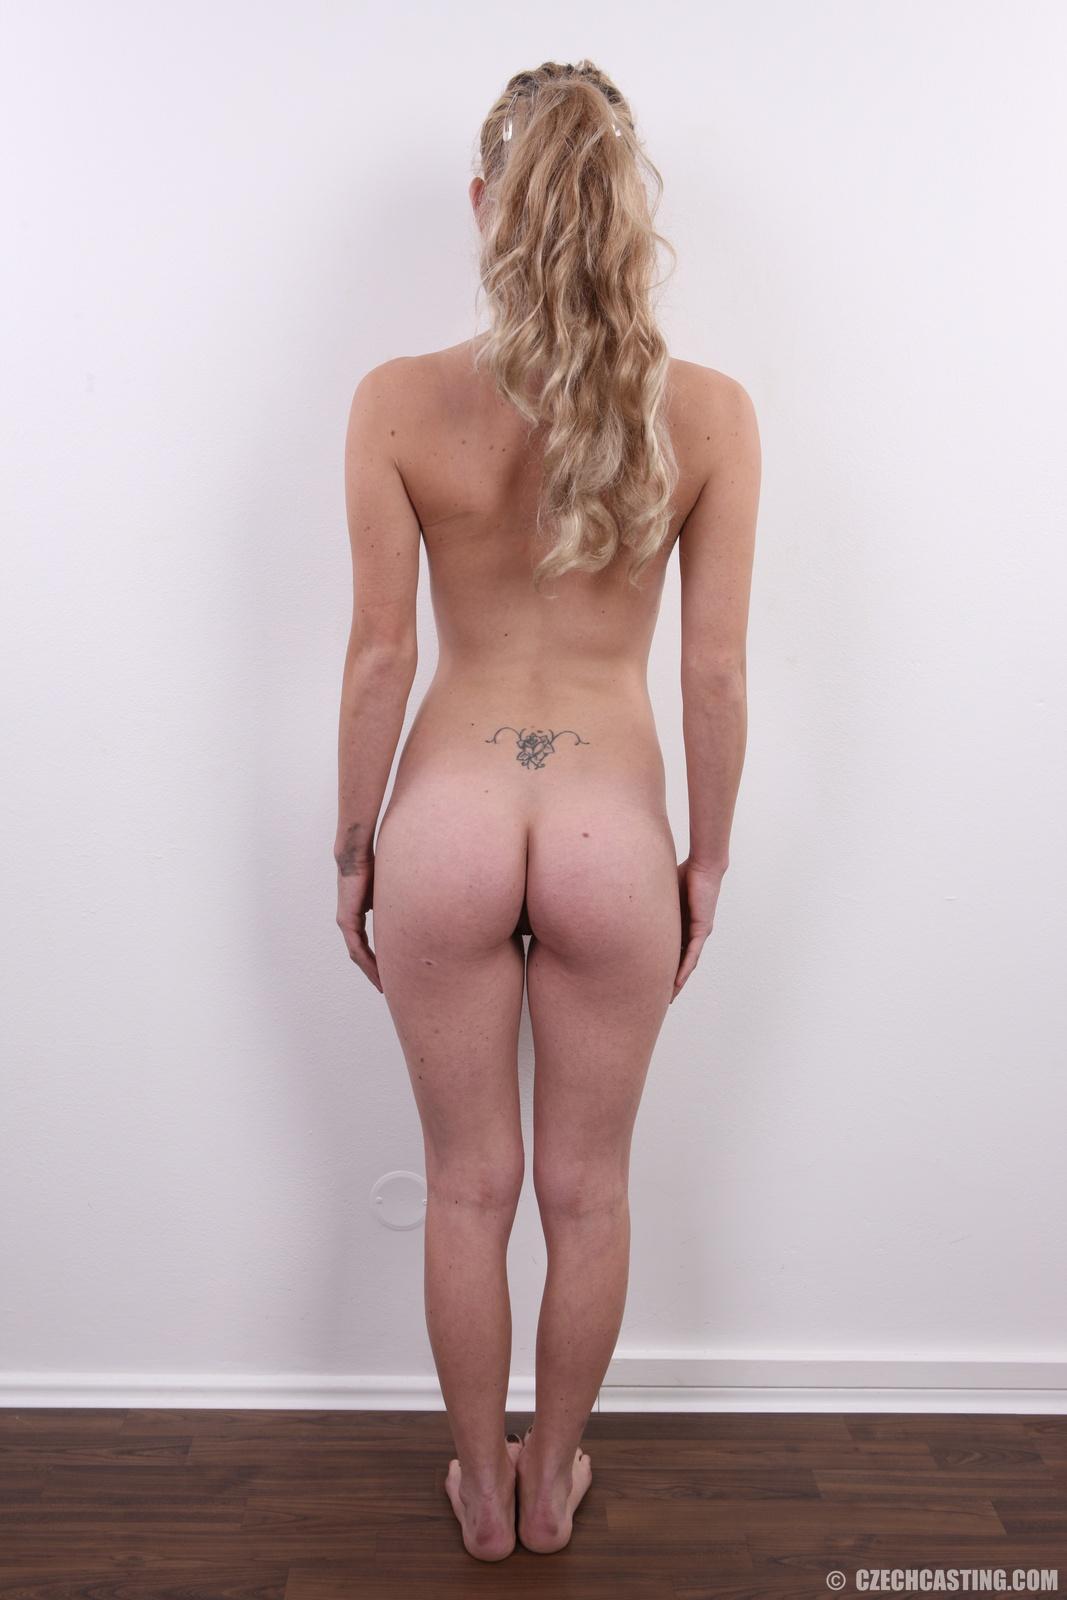 norwegian pornstars czech model escort